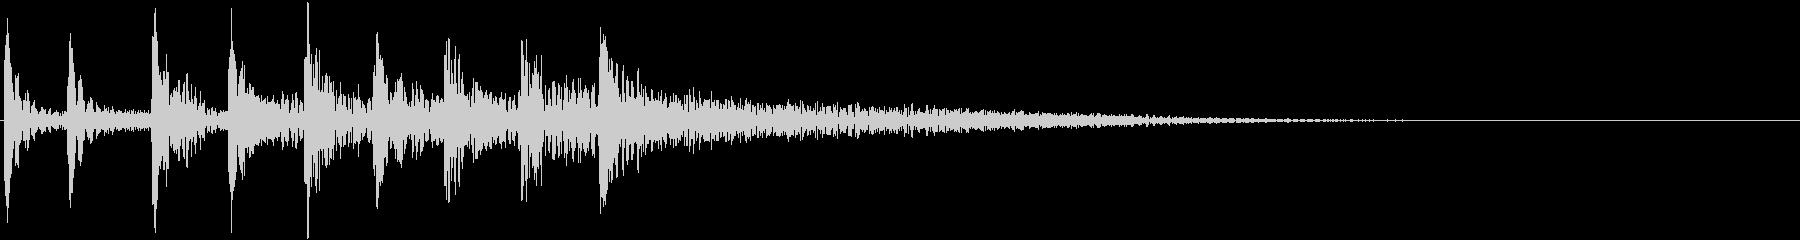 ティンパニ:フォールイングボーイズ...の未再生の波形